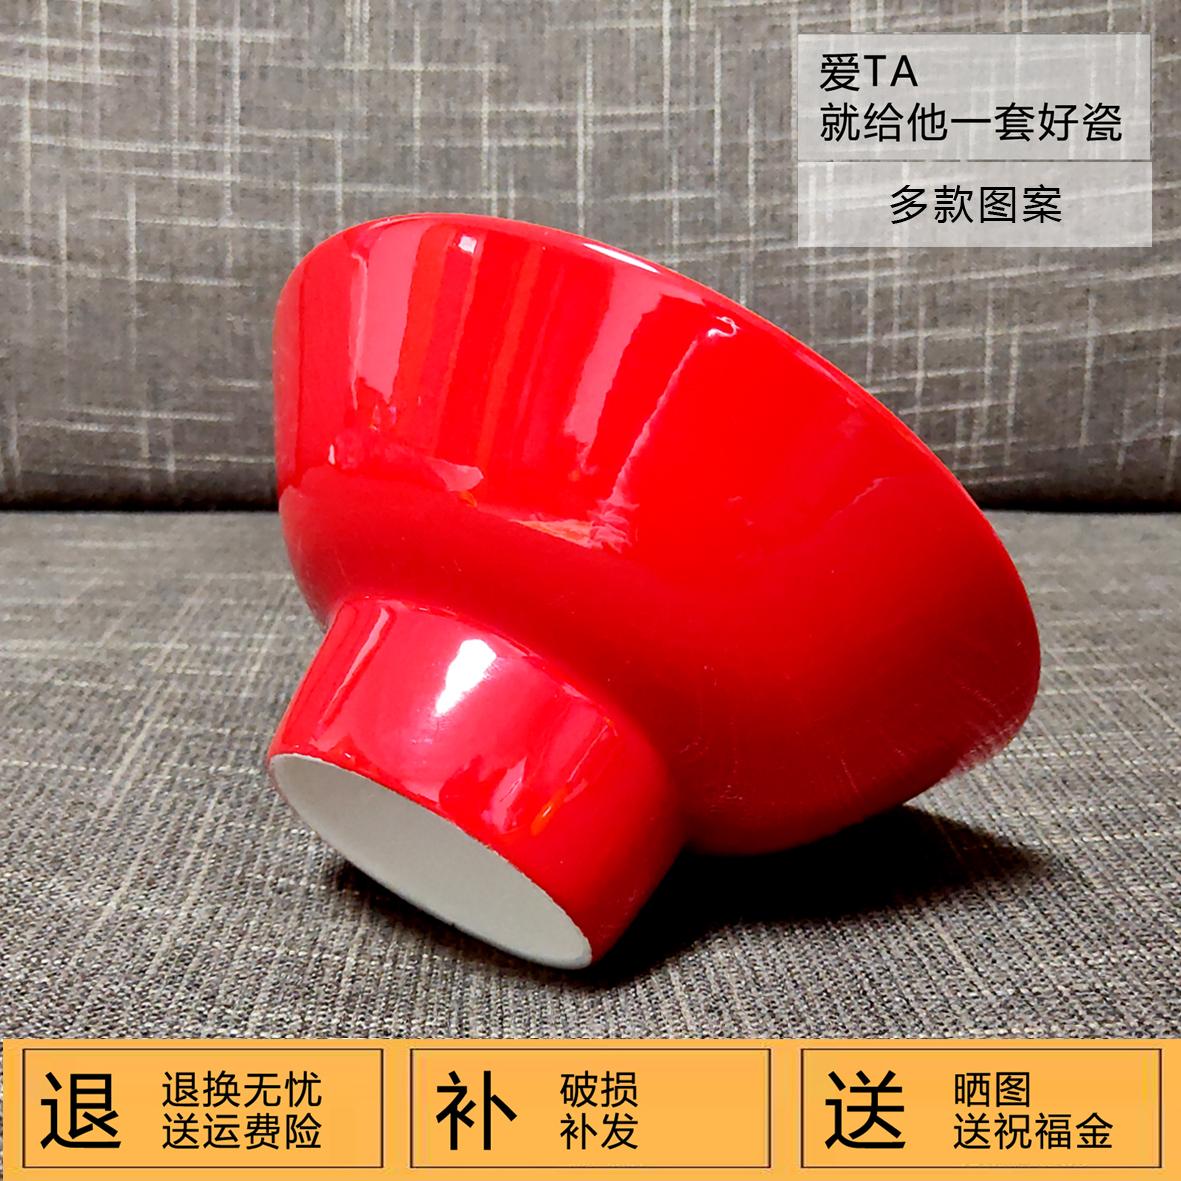 中国红陶瓷碗红色餐具喜庆骨瓷高脚碗家用红色温州过年结婚碗套装